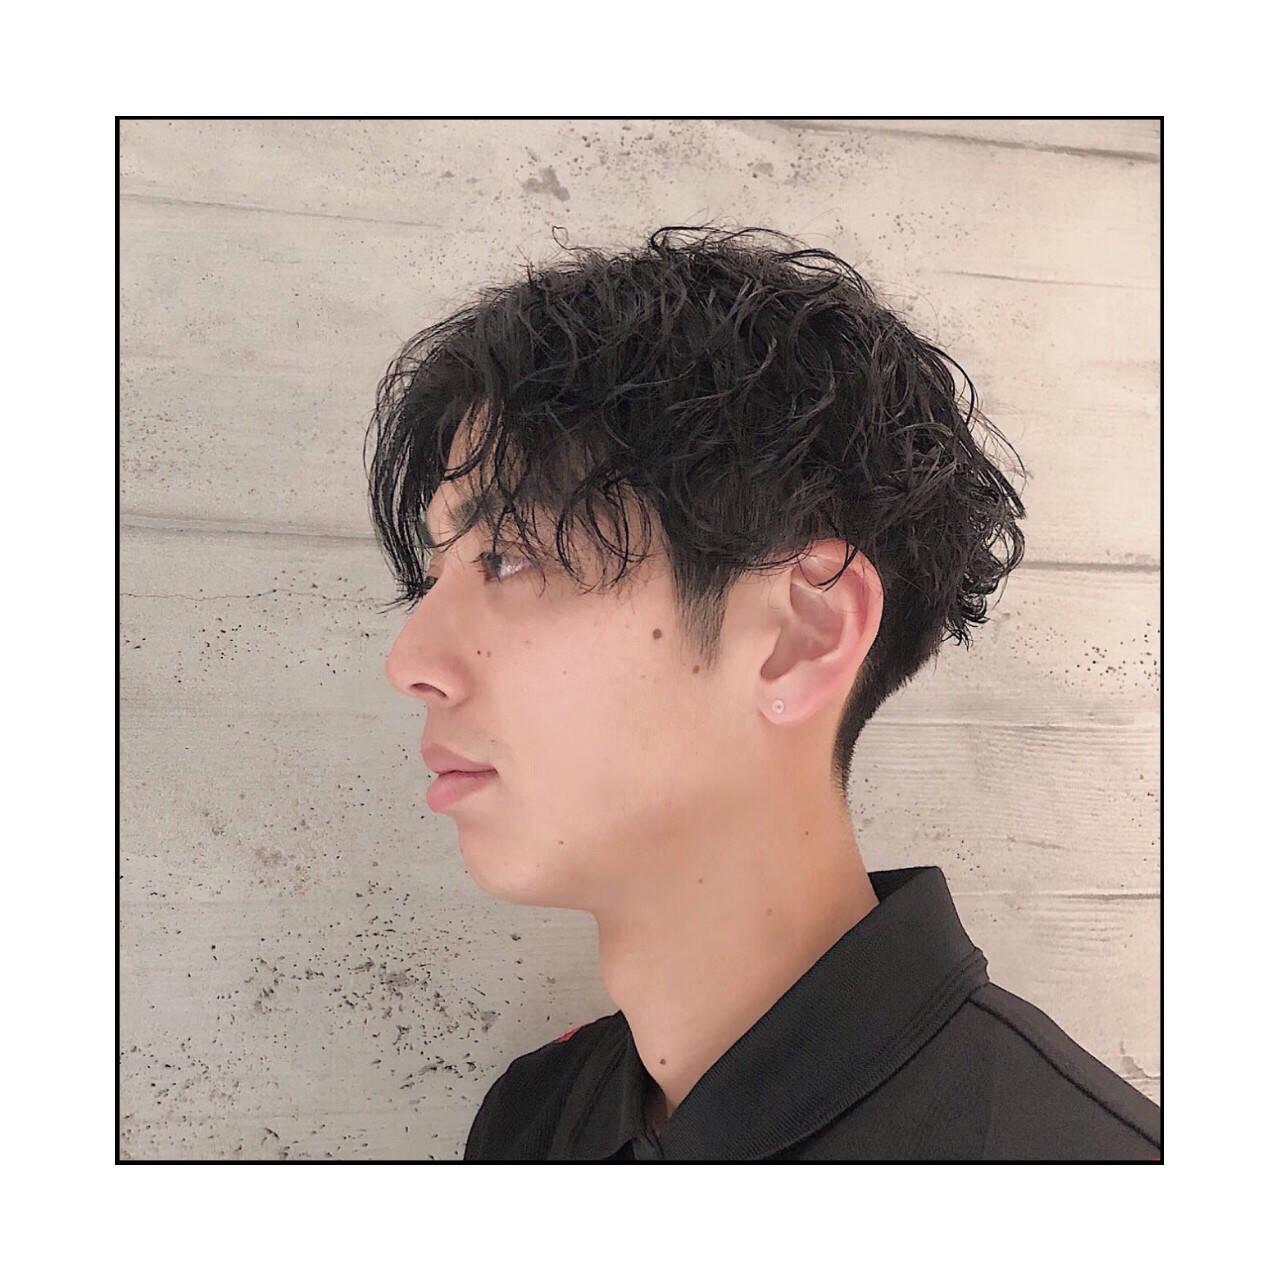 ナチュラル ショート メンズマッシュ パーマヘアスタイルや髪型の写真・画像